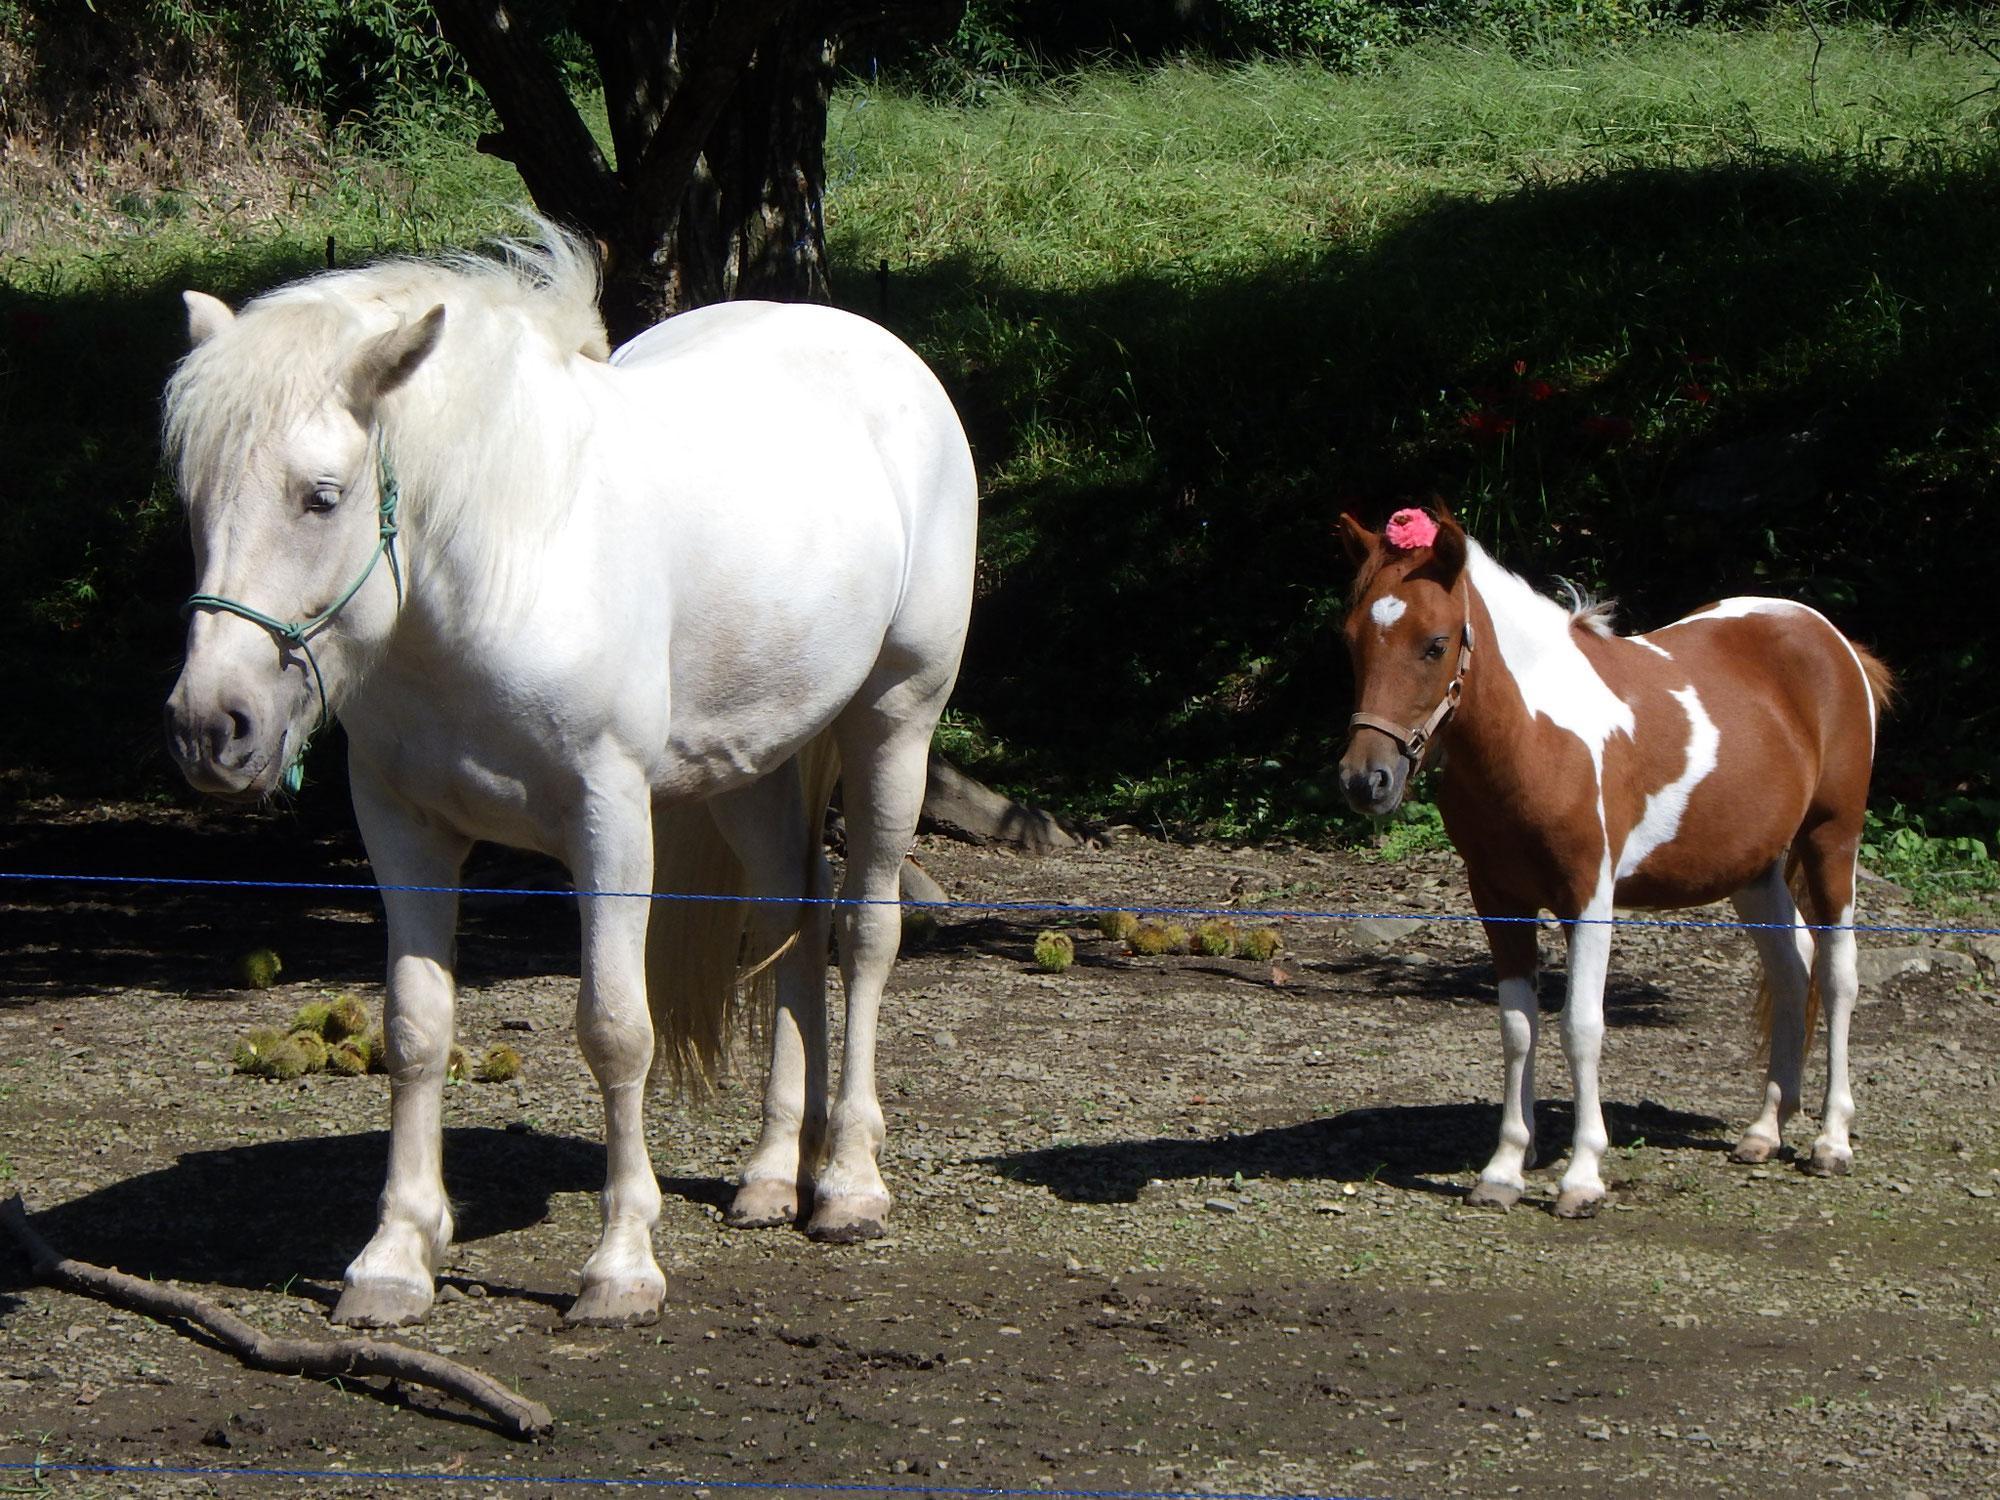 はじめてのグリーンウッドワーク「馬と一緒にスプーンづくり」